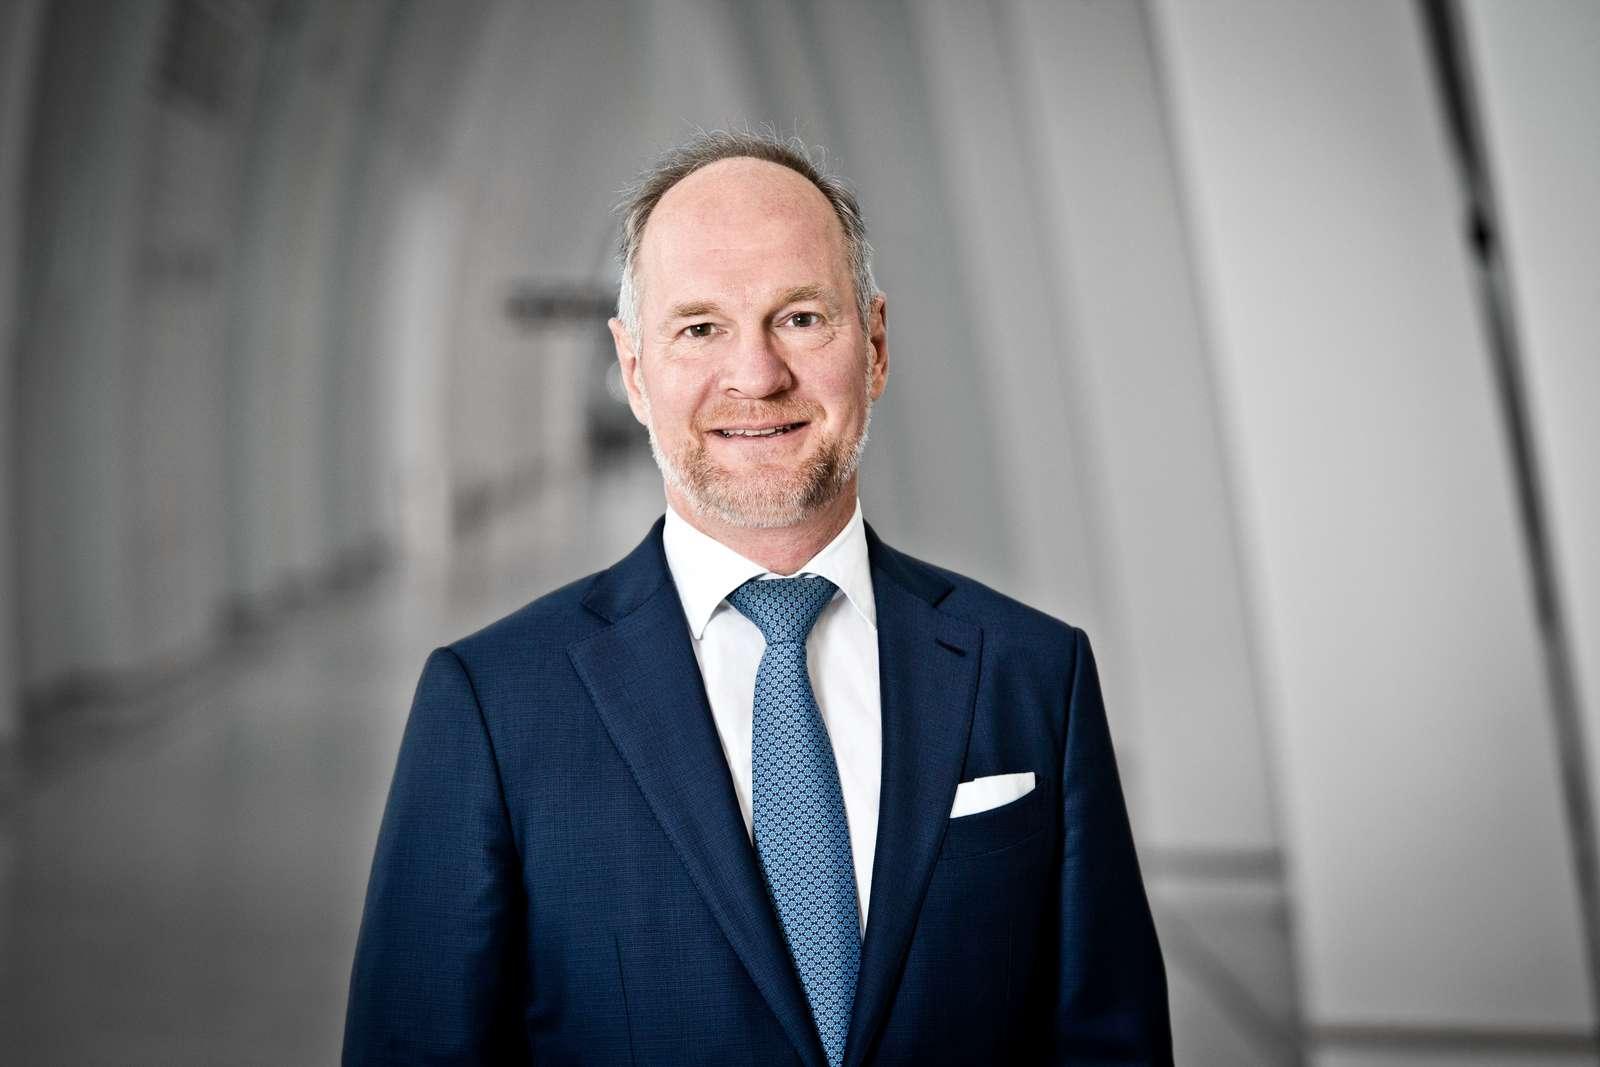 Adm. direktør Thomas Woldbye, Københavns Lufthavn. (Foto: Nicolai Perjesi)